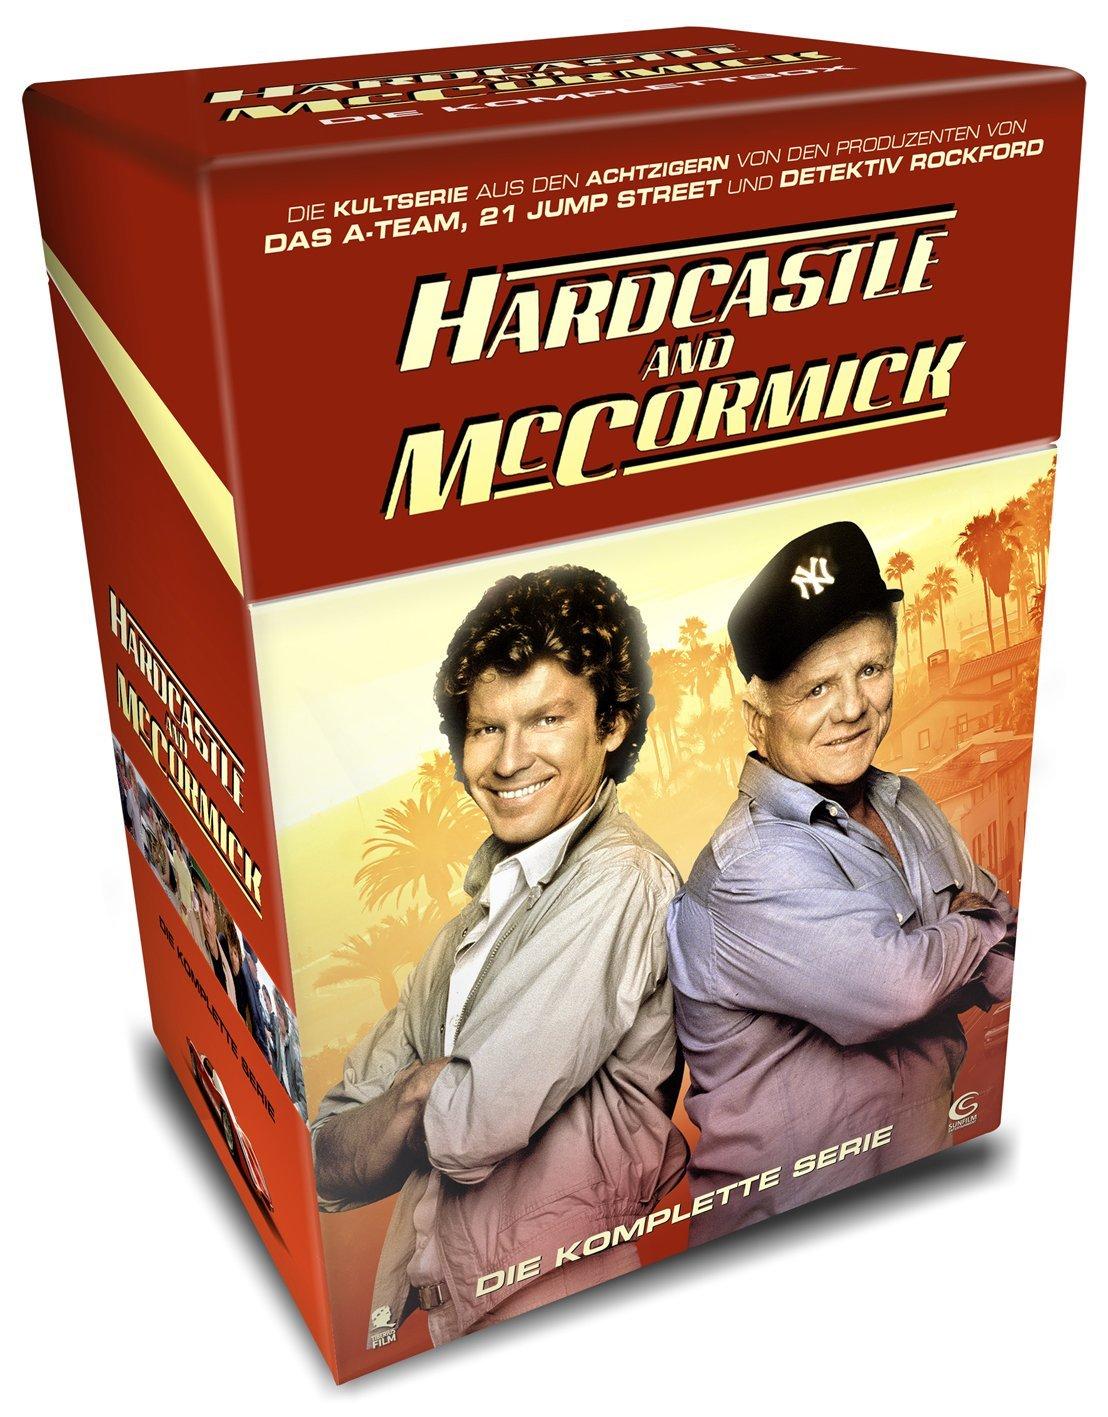 Hardcastle and McCormick - Die komplette Serie Cigarette Box (DVD) für 19,99€  versandkostenfrei (Saturn)